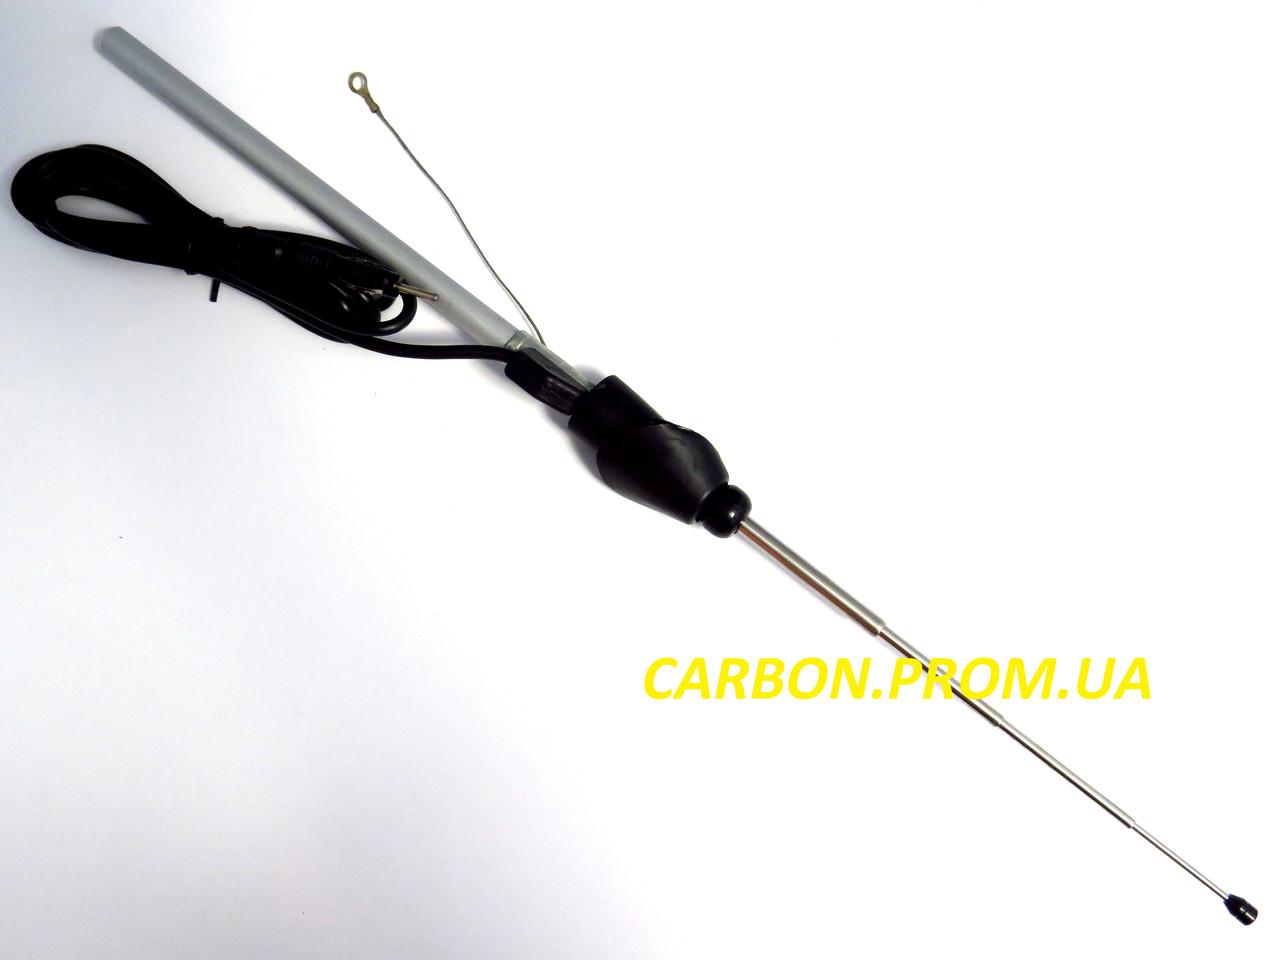 Автомобильная универсальная антенна JBA 529 Jinbo в комплекте с переходниками под любой угол наклона крыла